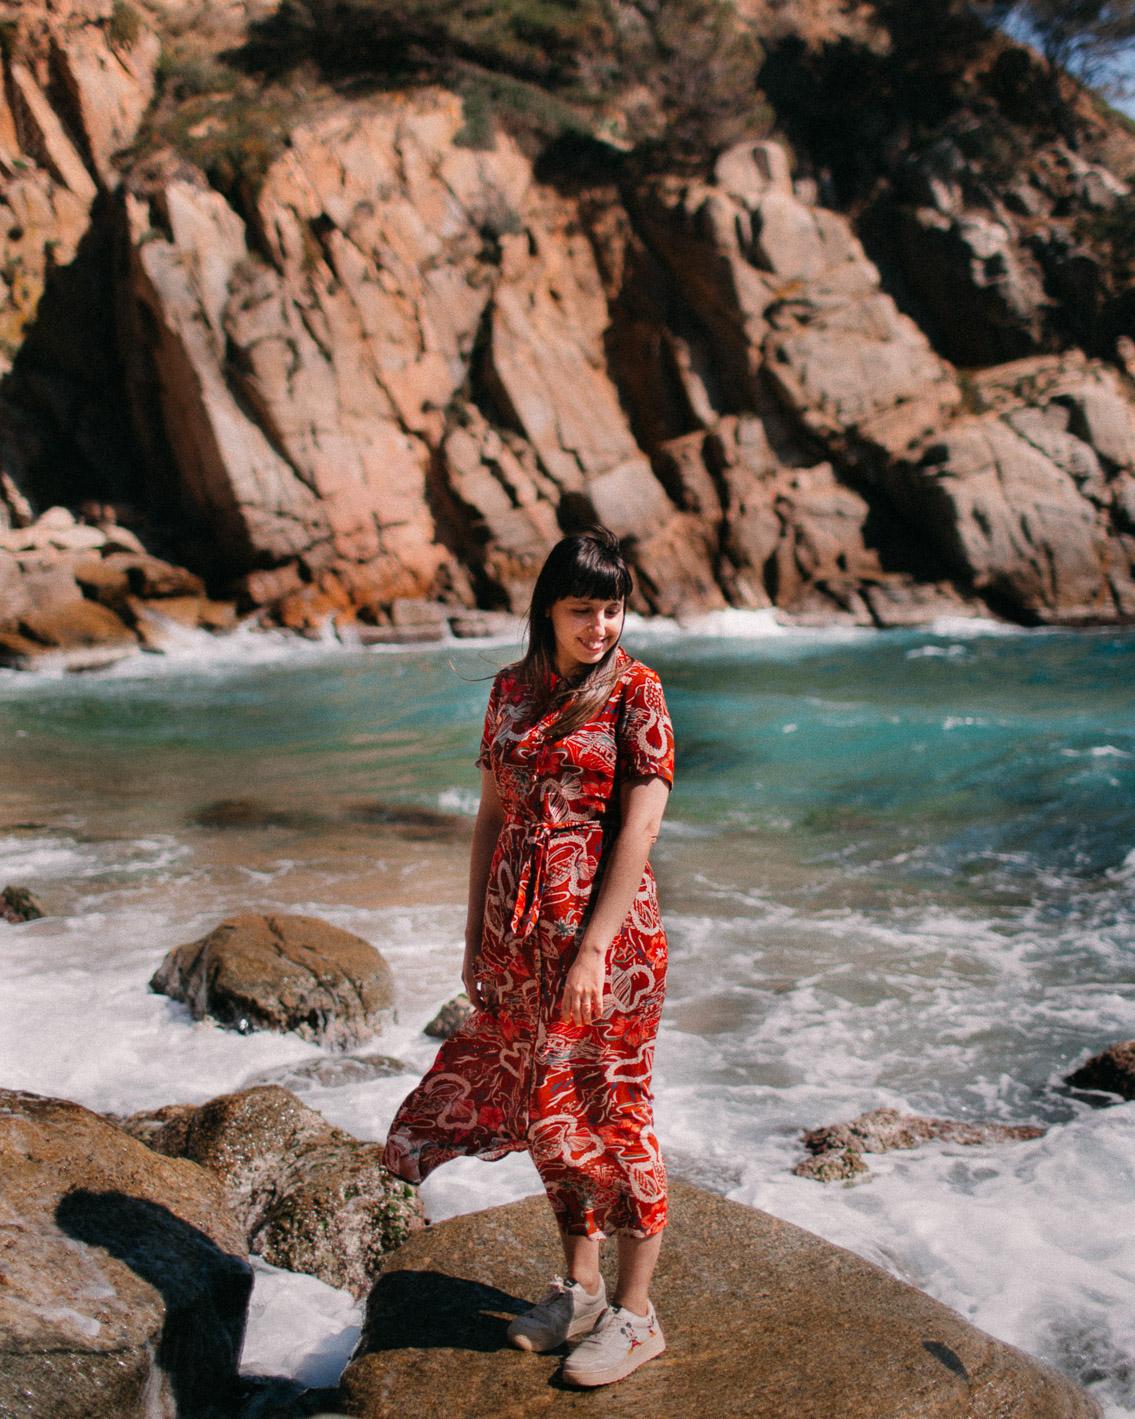 Tossa de Mar Es Codolar - The cat, you and us